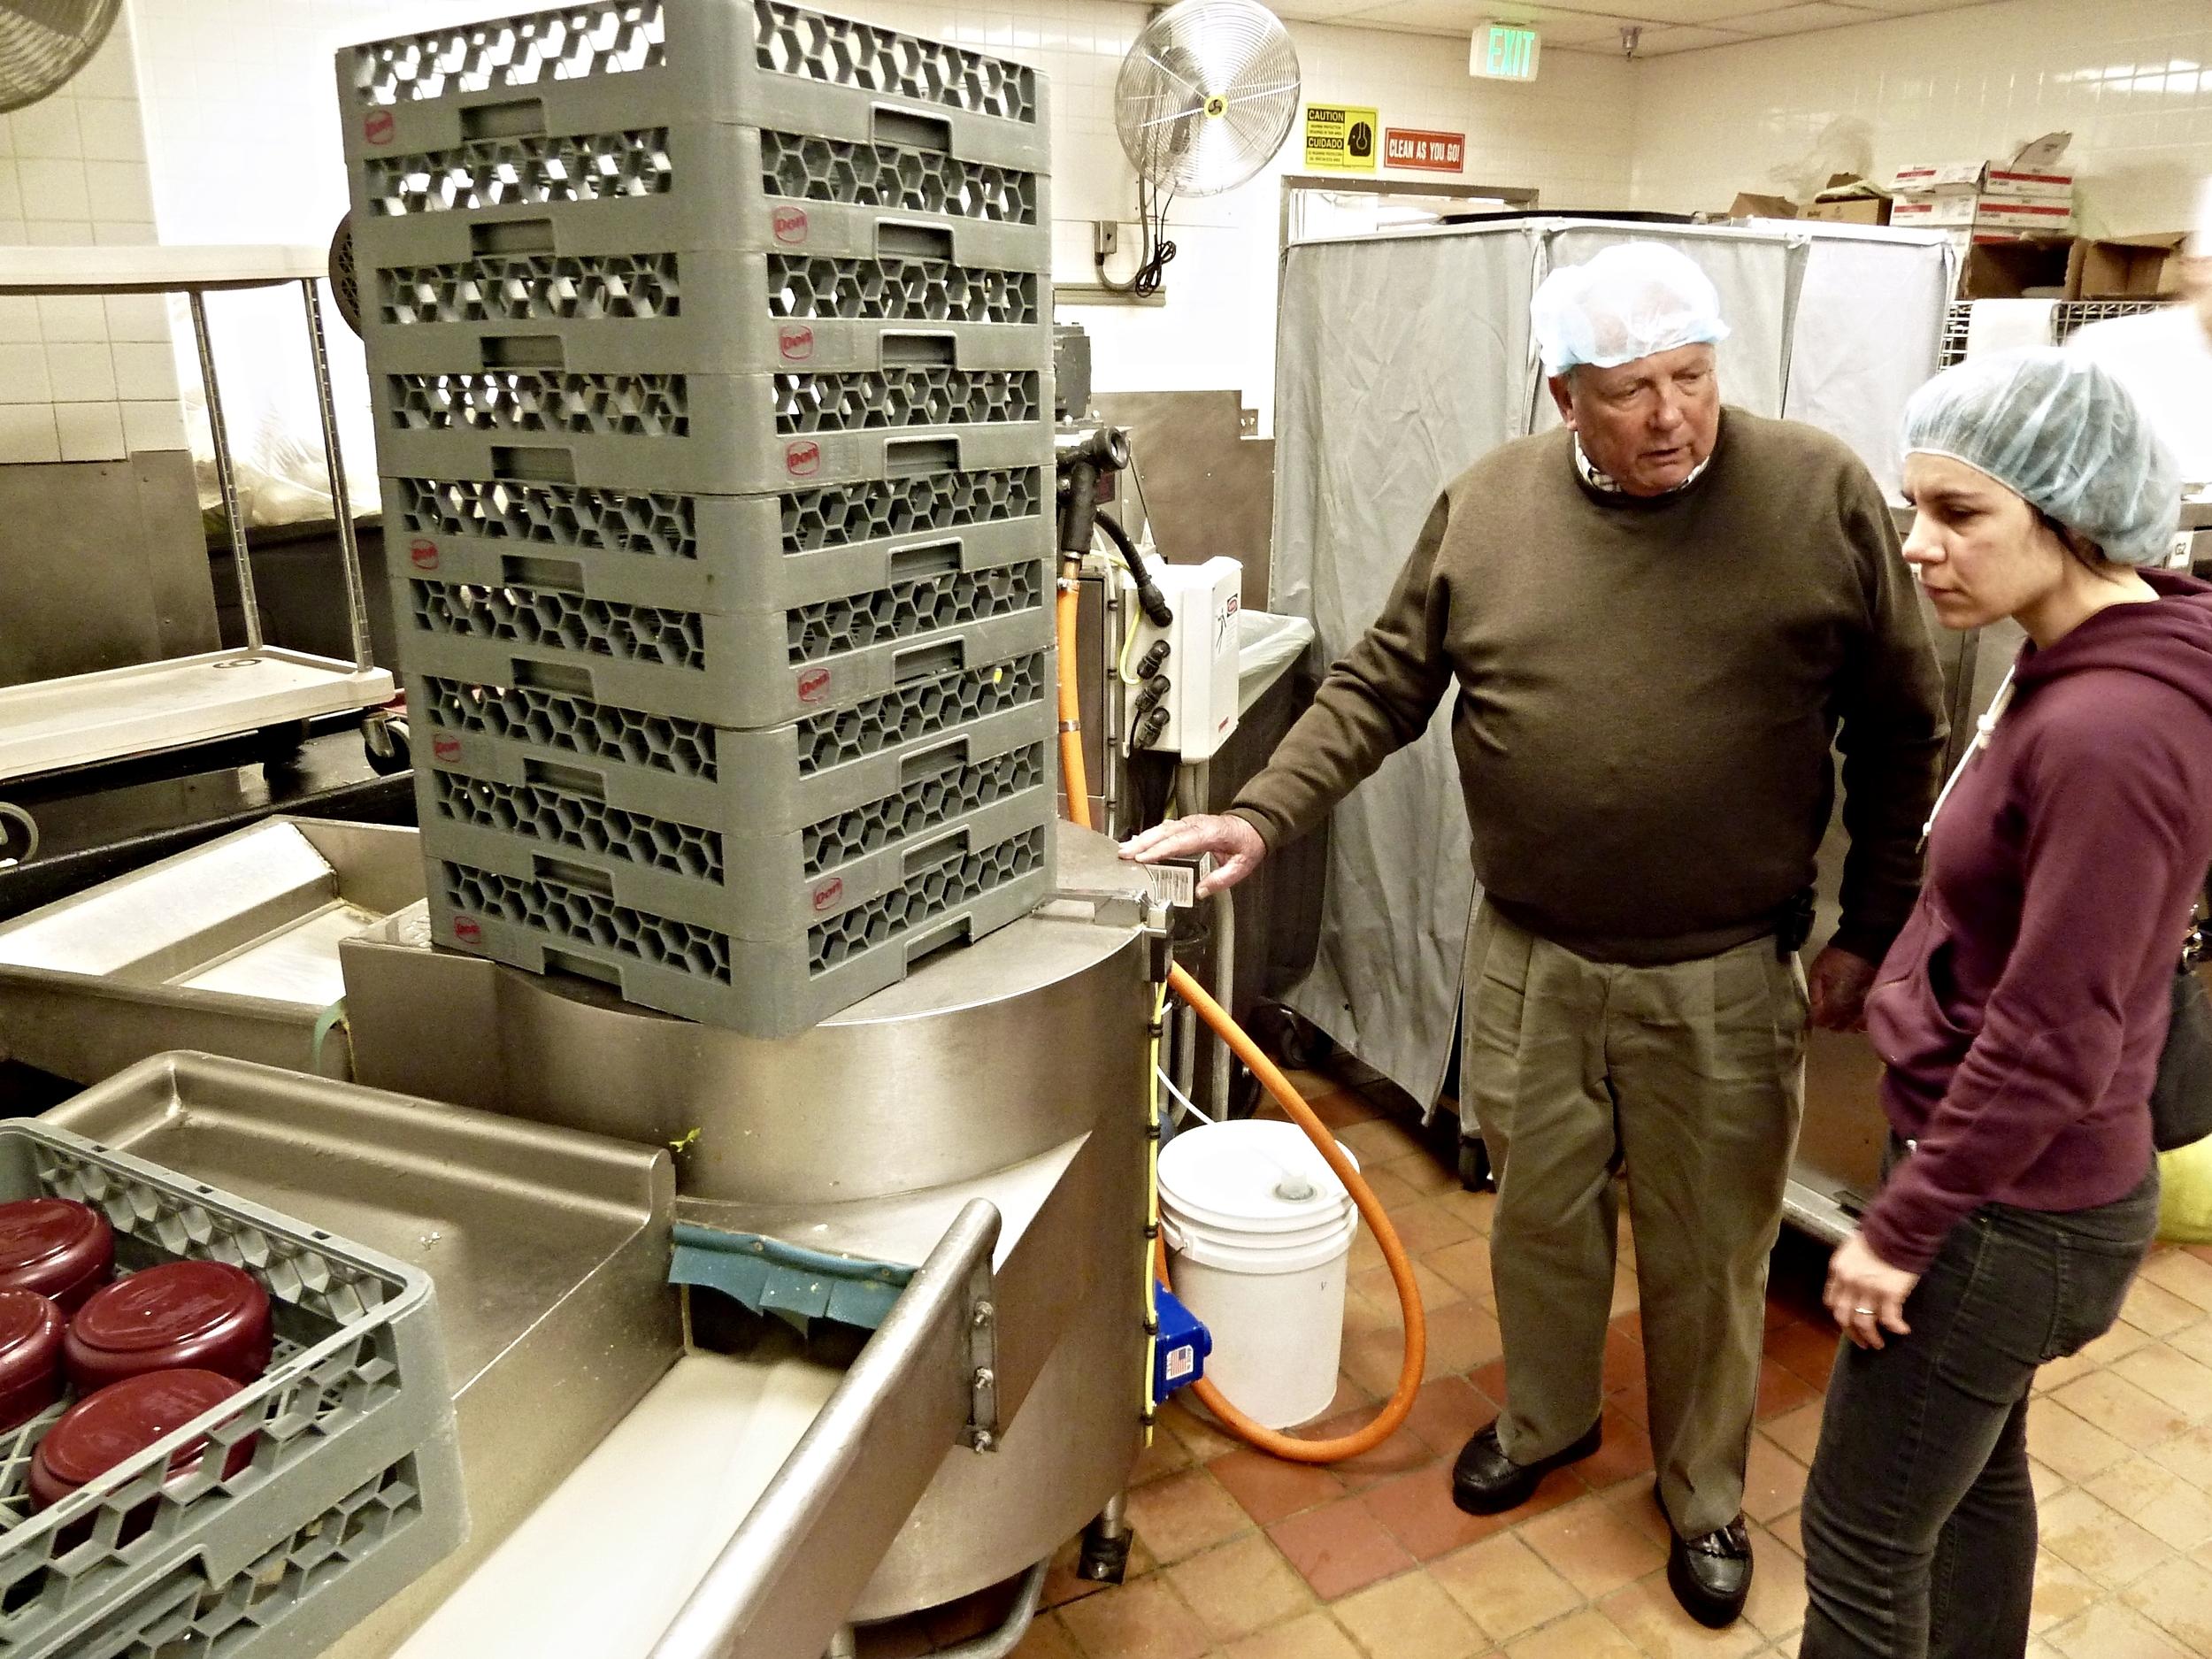 Industrial kitchen appliance salesman